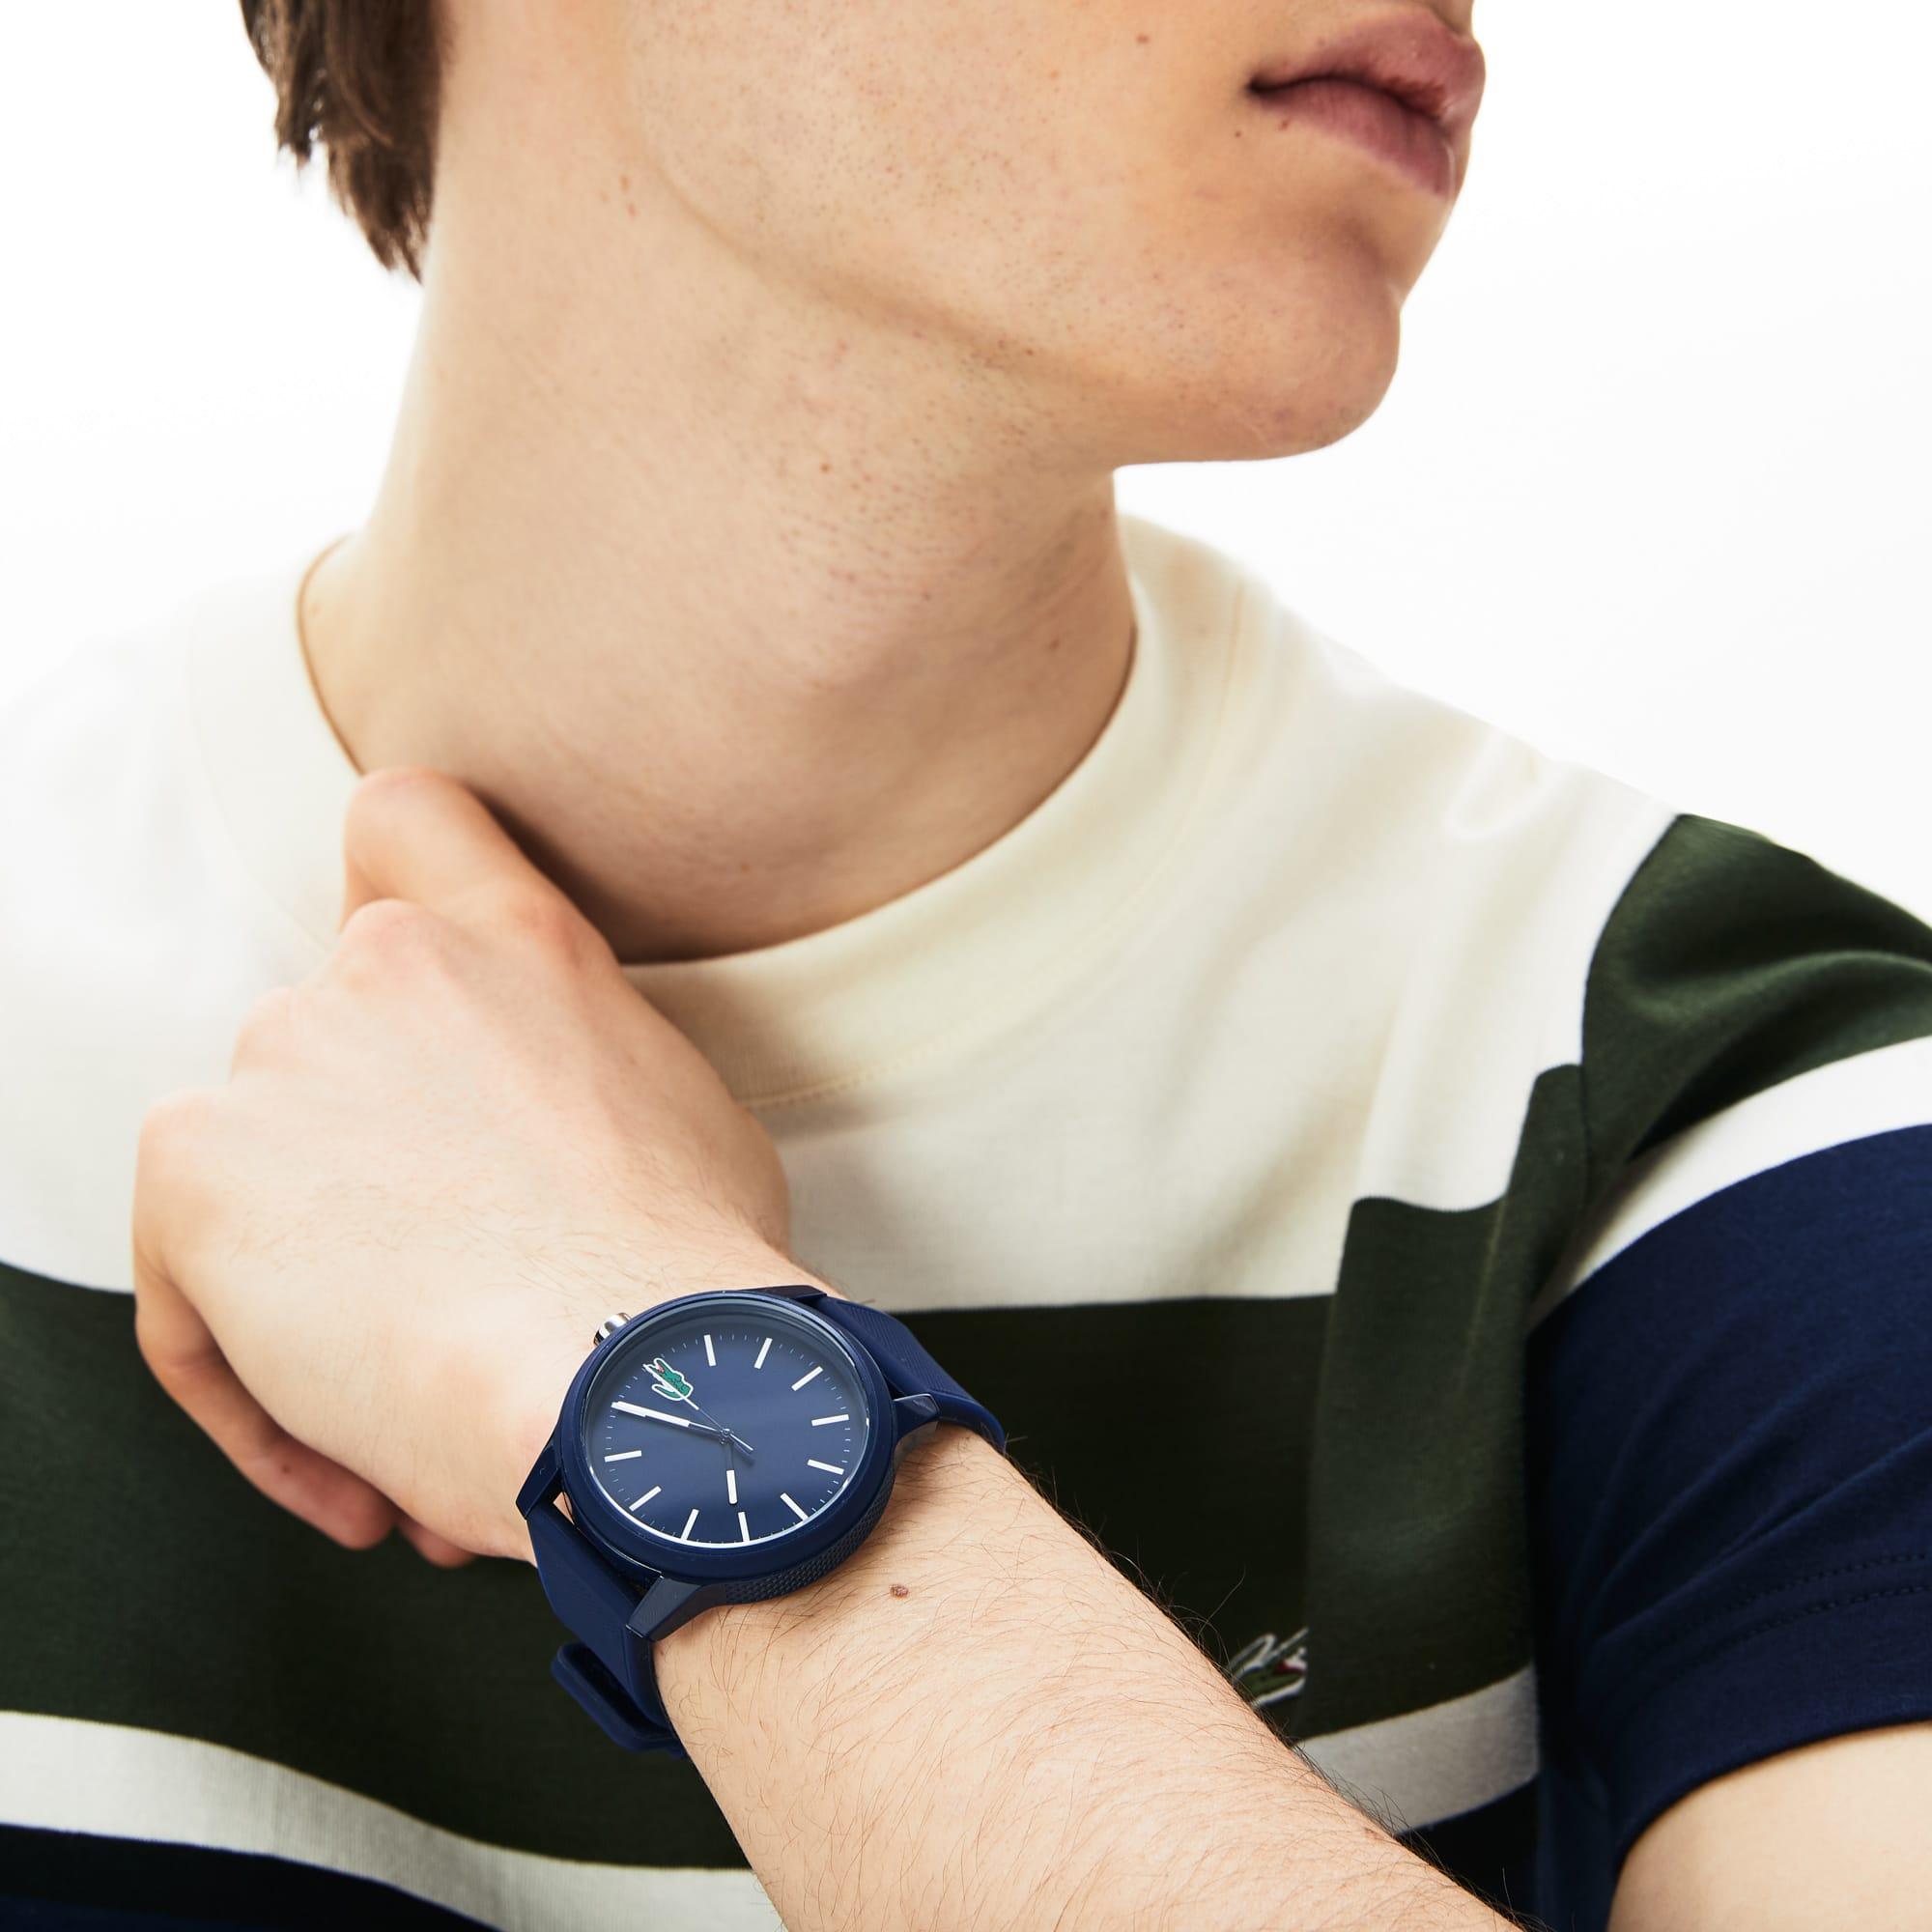 Montre Lacoste12.12 Homme avec Bracelet Bleu en Silicone